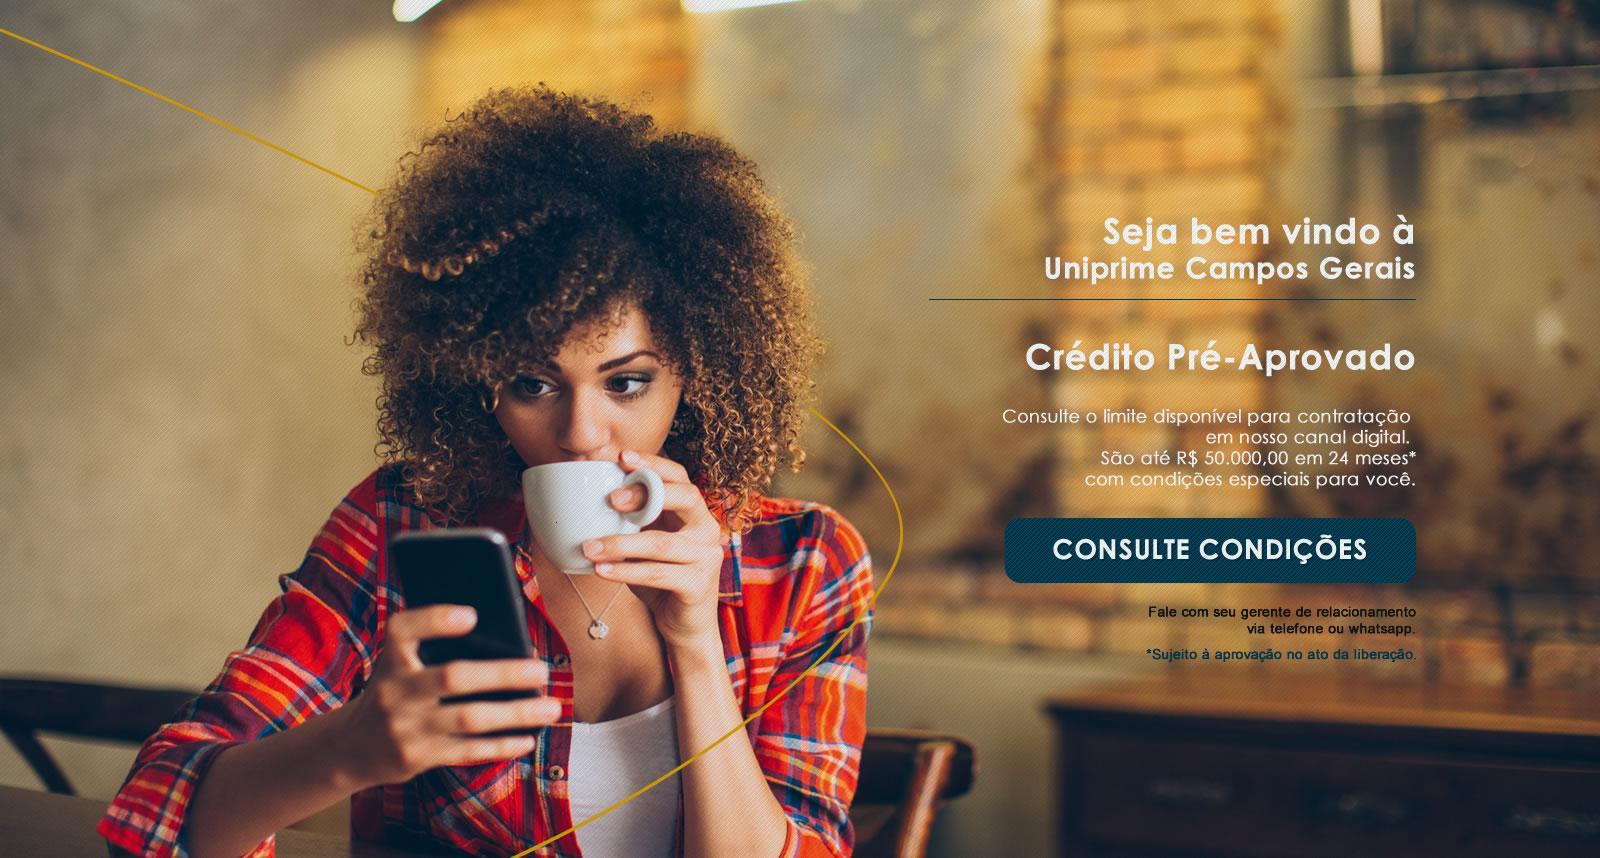 Crédito Pré-Aprovado Uniprime